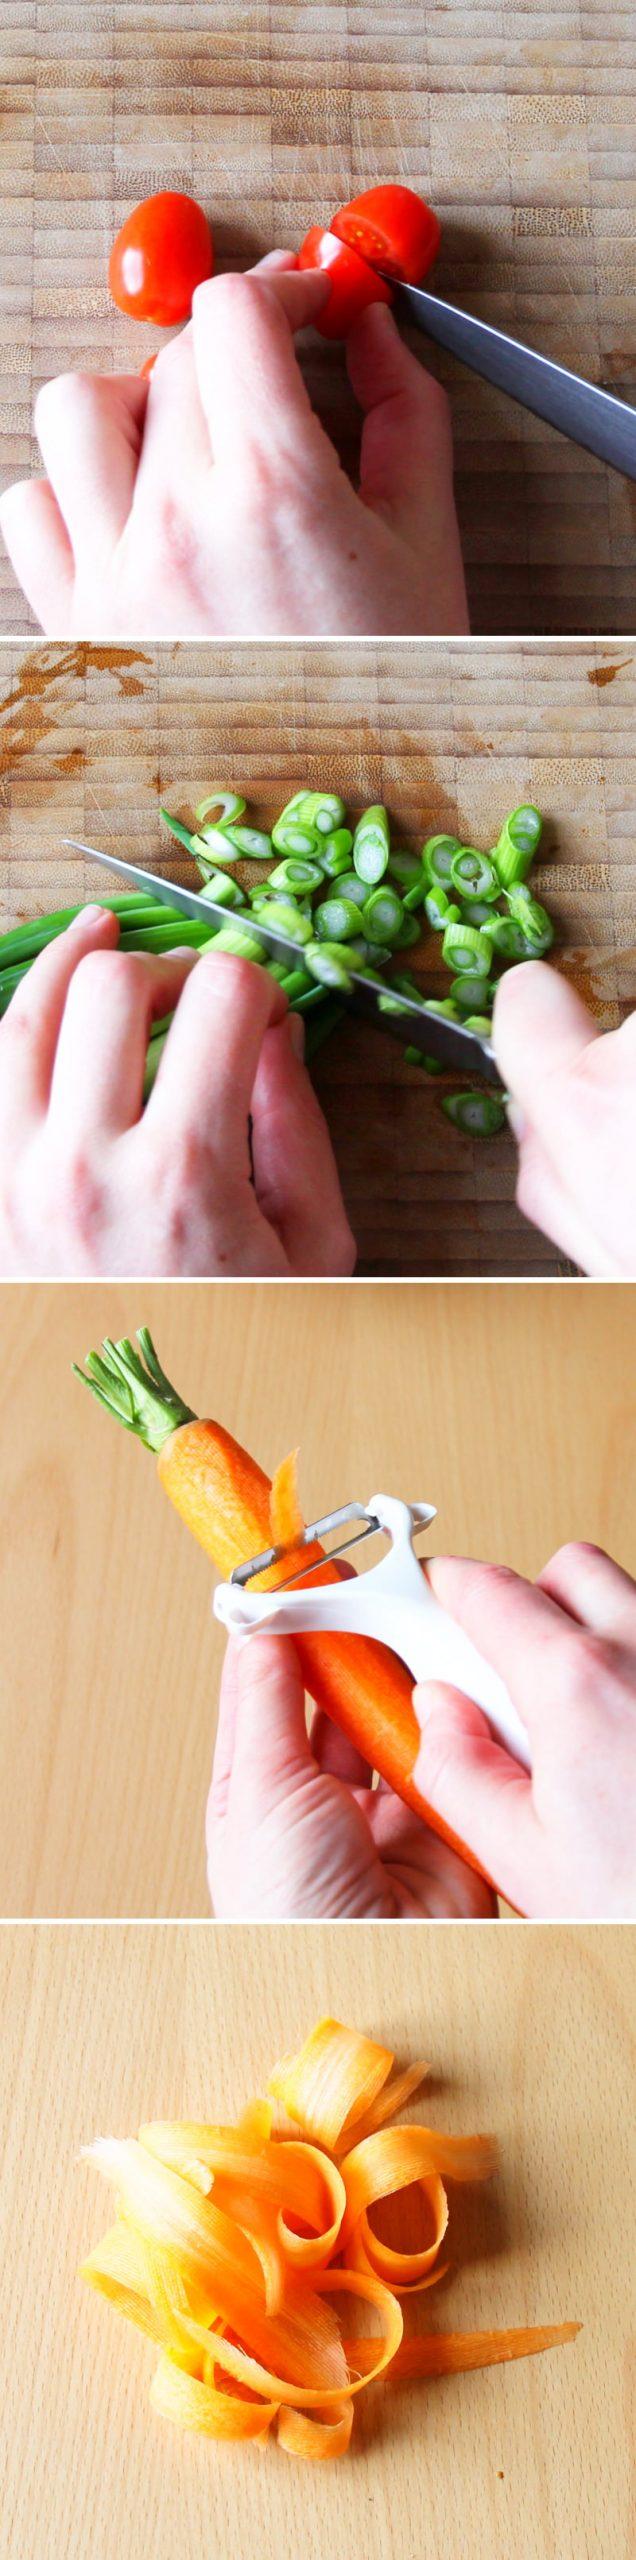 Sushi Bowl Schritt 2 Gemüse vorbereiten